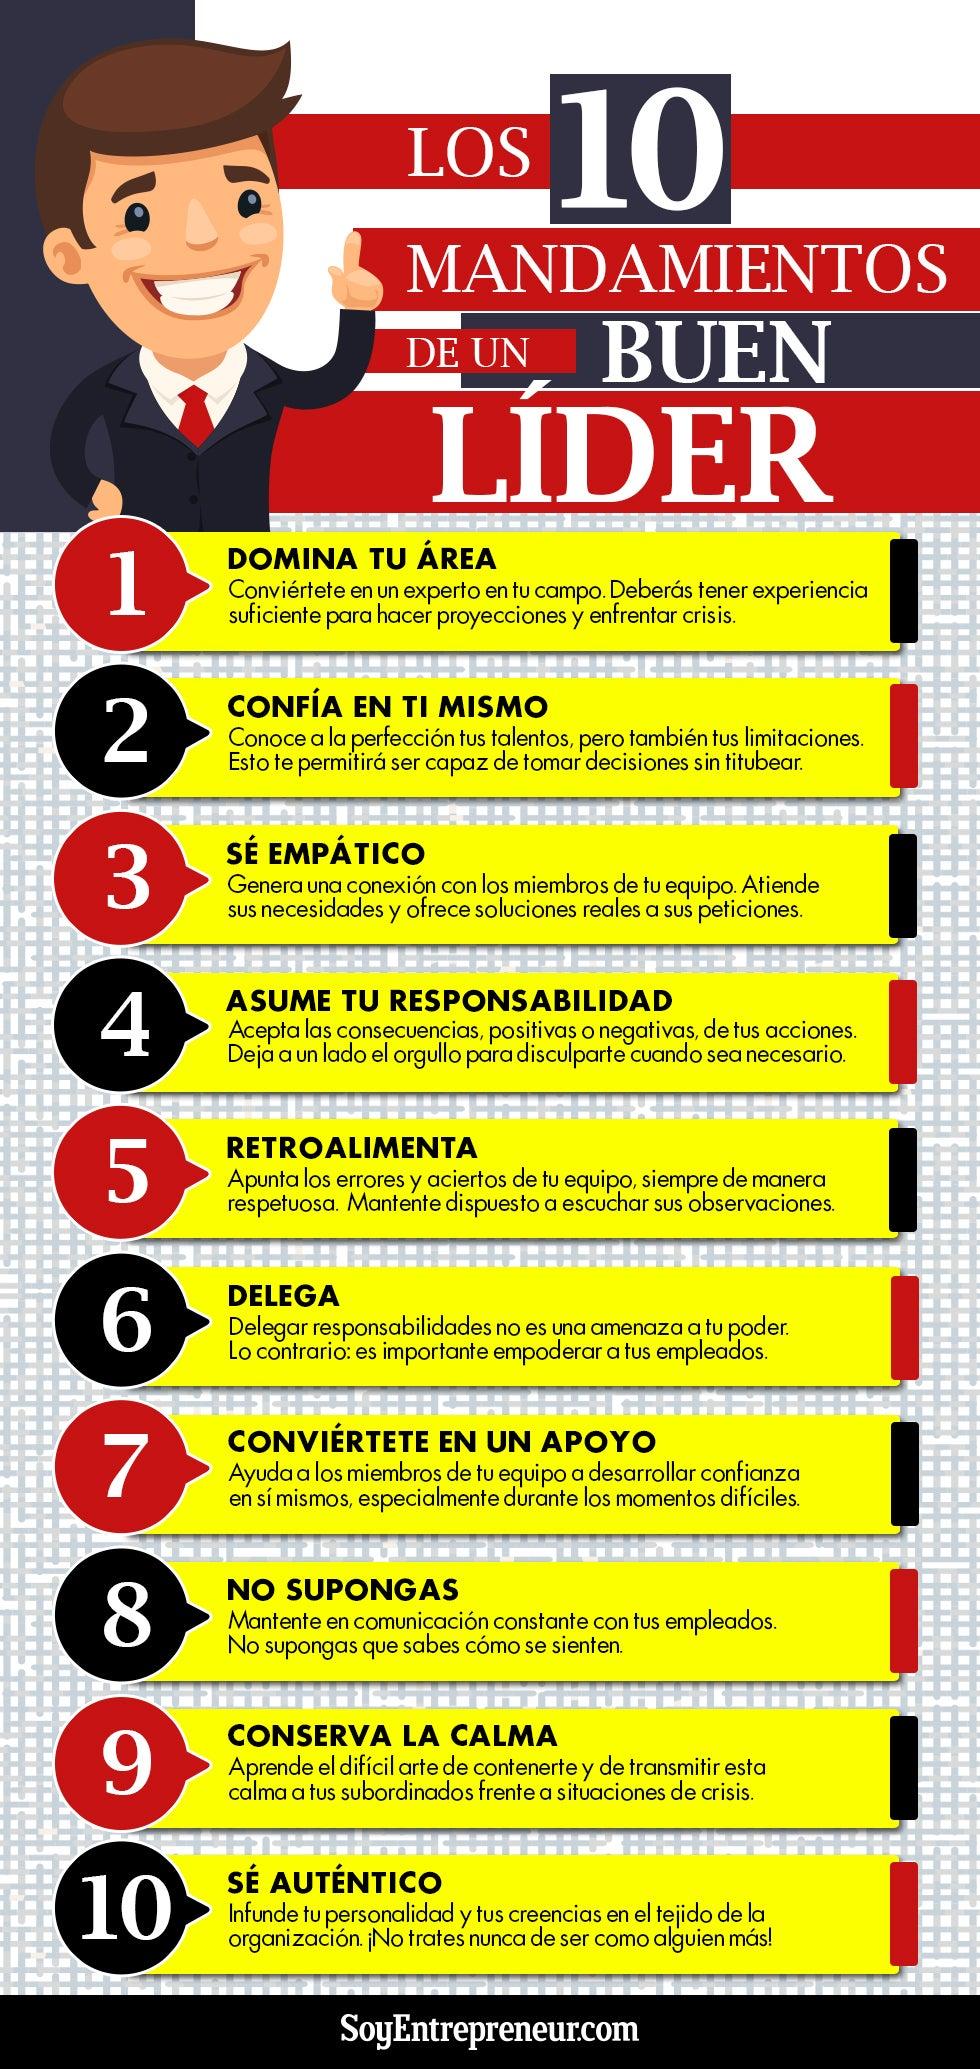 10 mandamientos de un buen líder